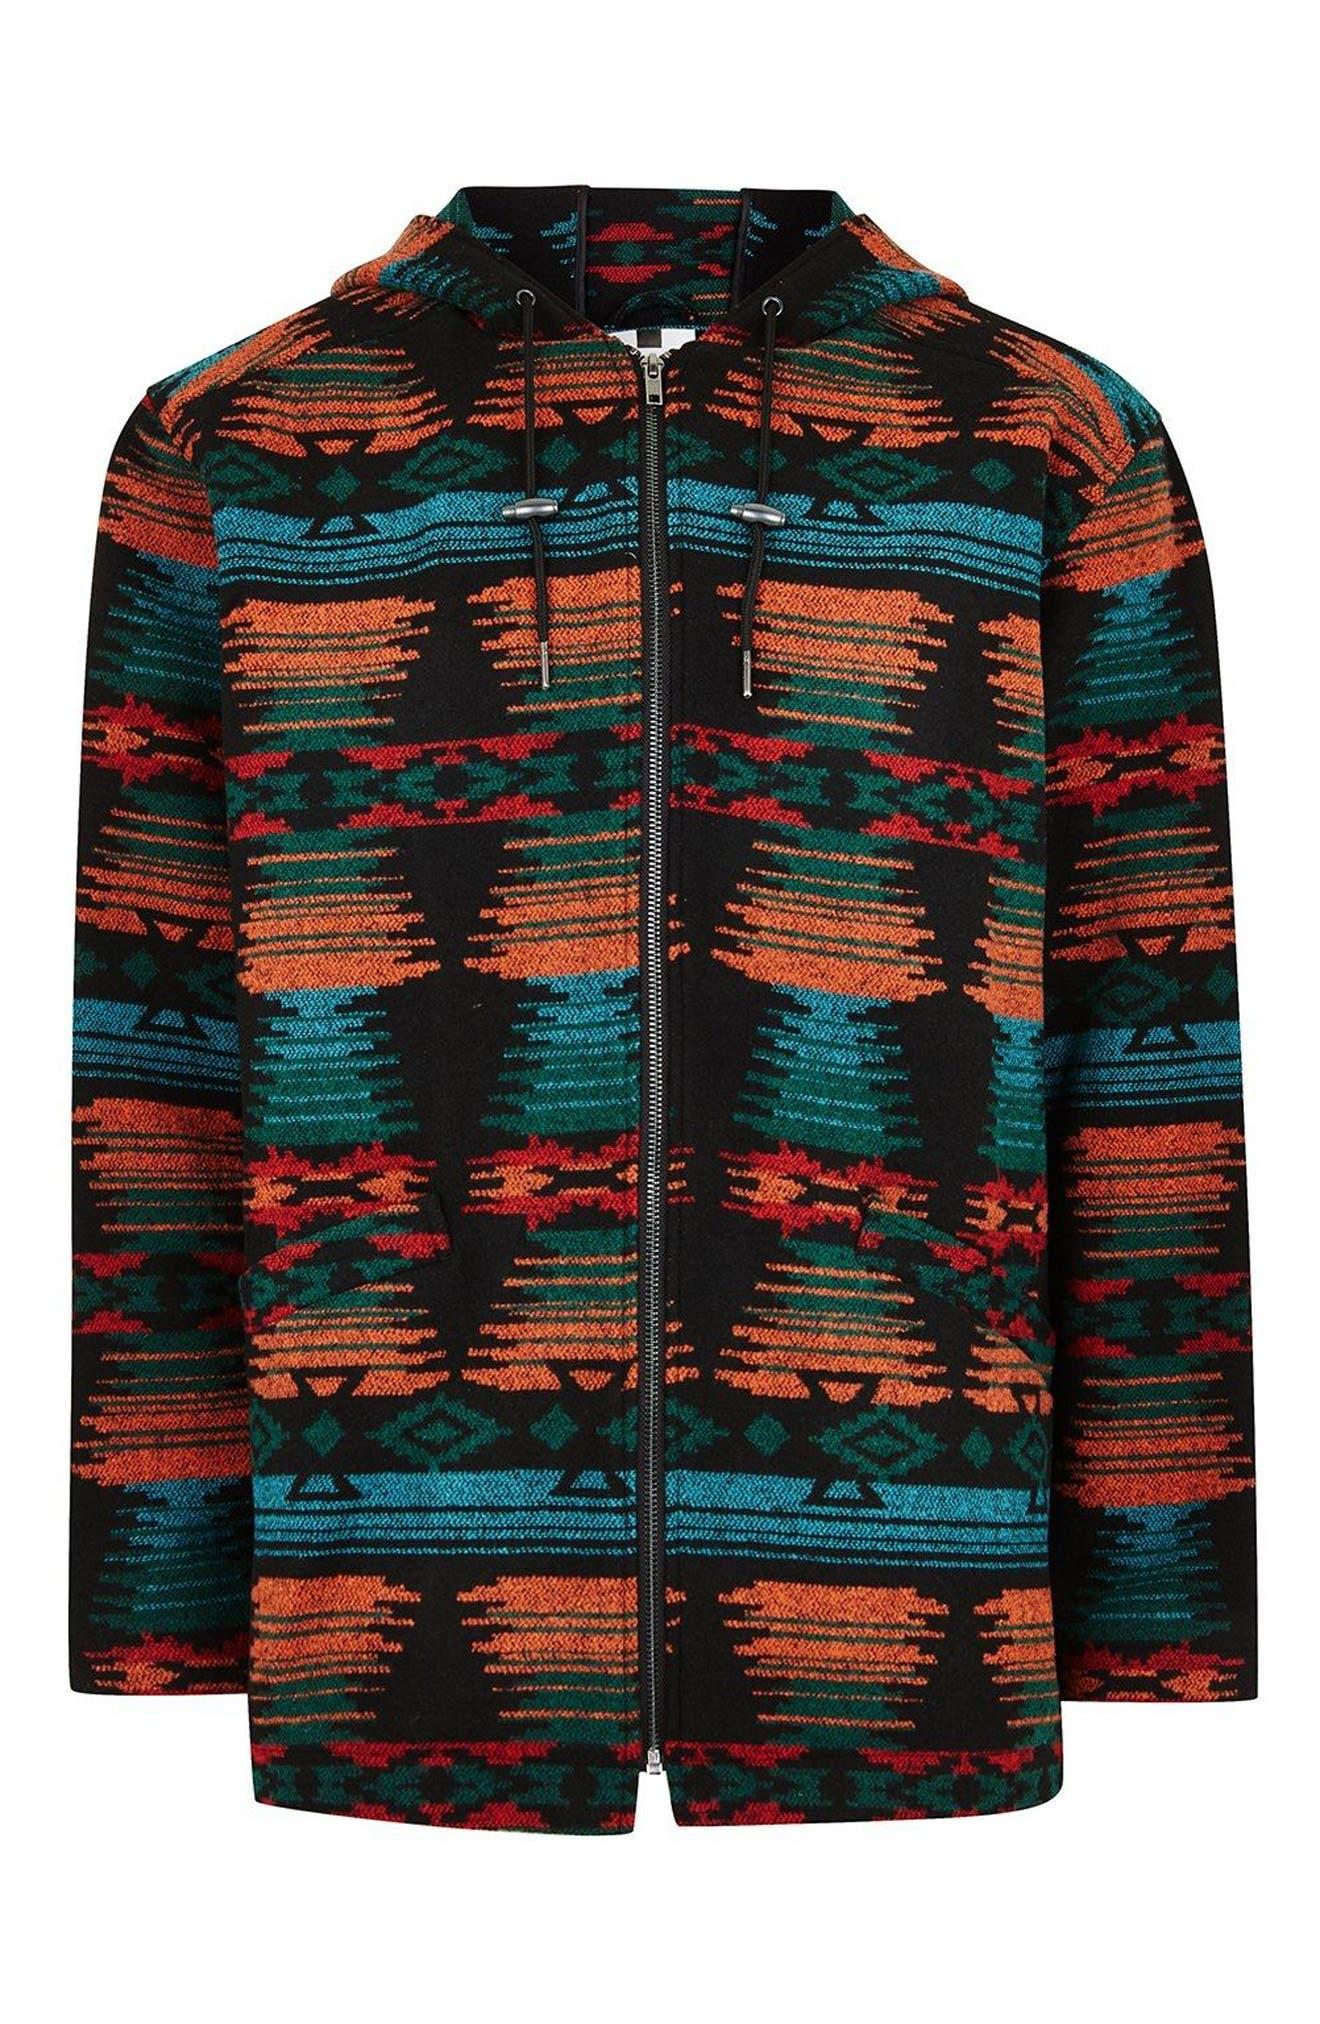 Jacquard Hooded Jacket,                             Alternate thumbnail 3, color,                             Black Multi